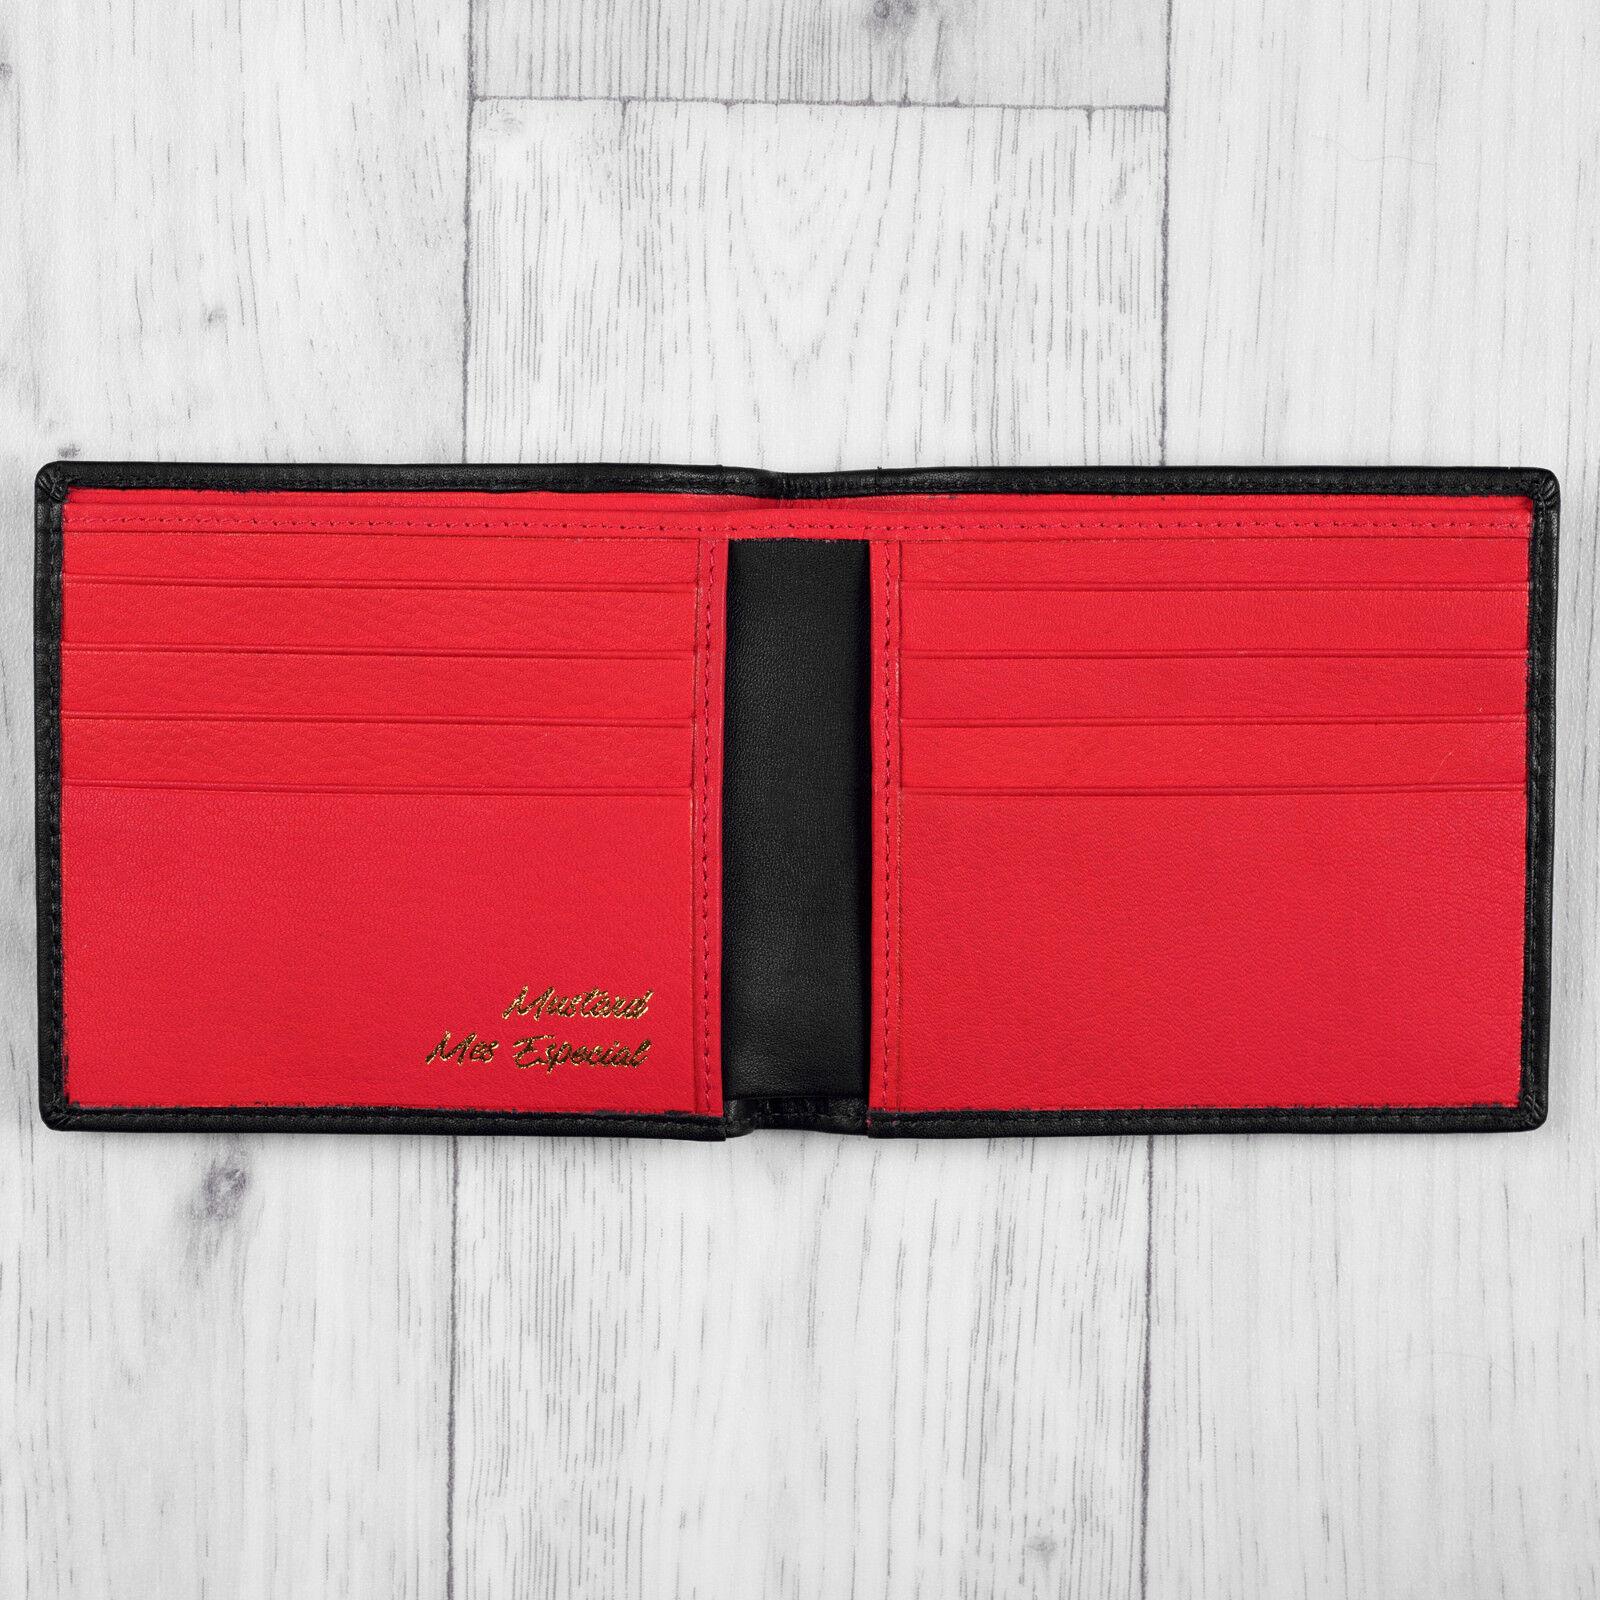 Black Luxury Leather Mens Slim Lando Wallet By Mustard RRP £20.00